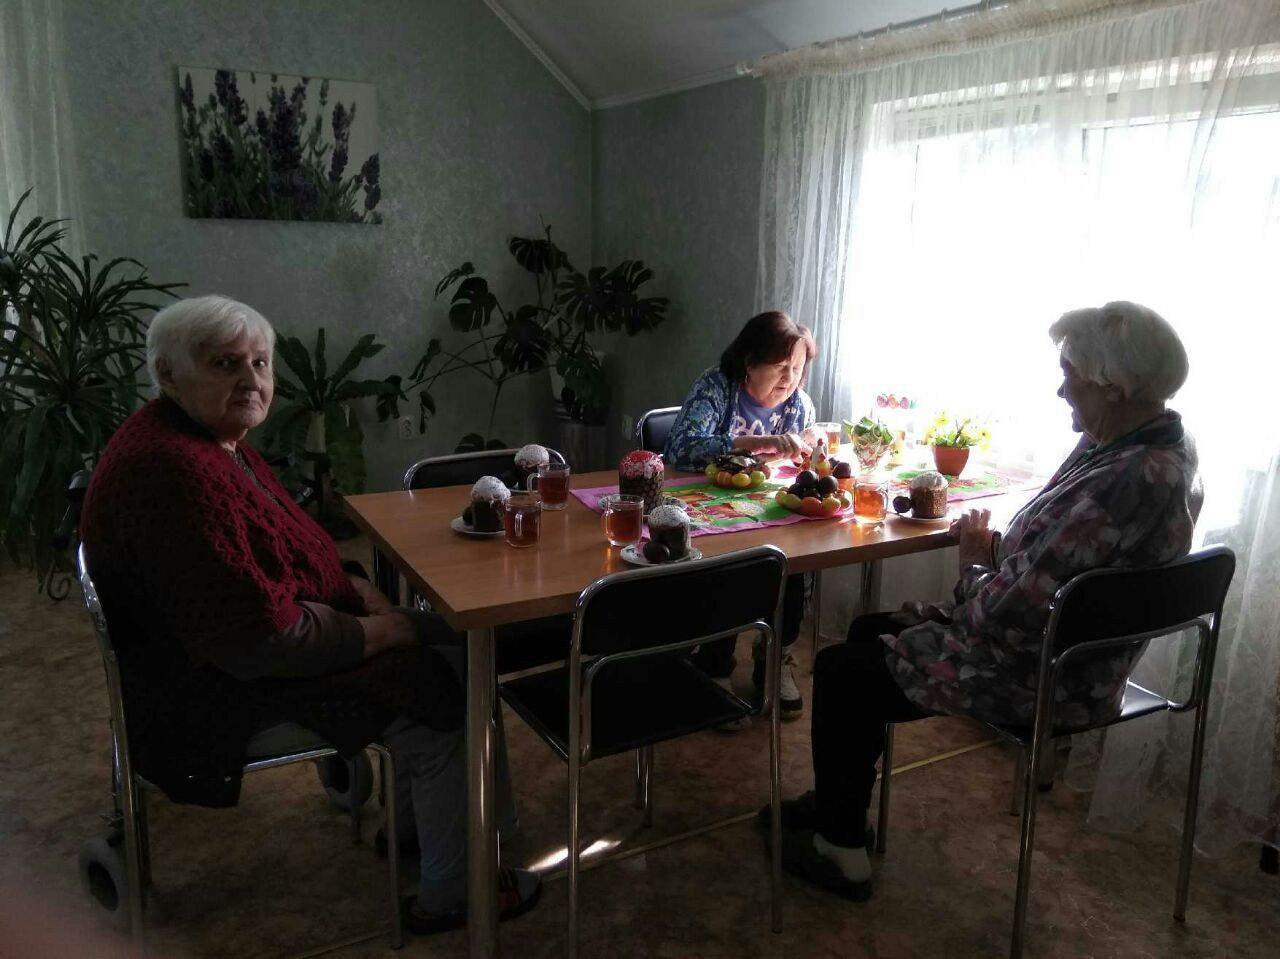 Пансионат для престарелых в калининградской области дом престарелых в казани помощь нужна